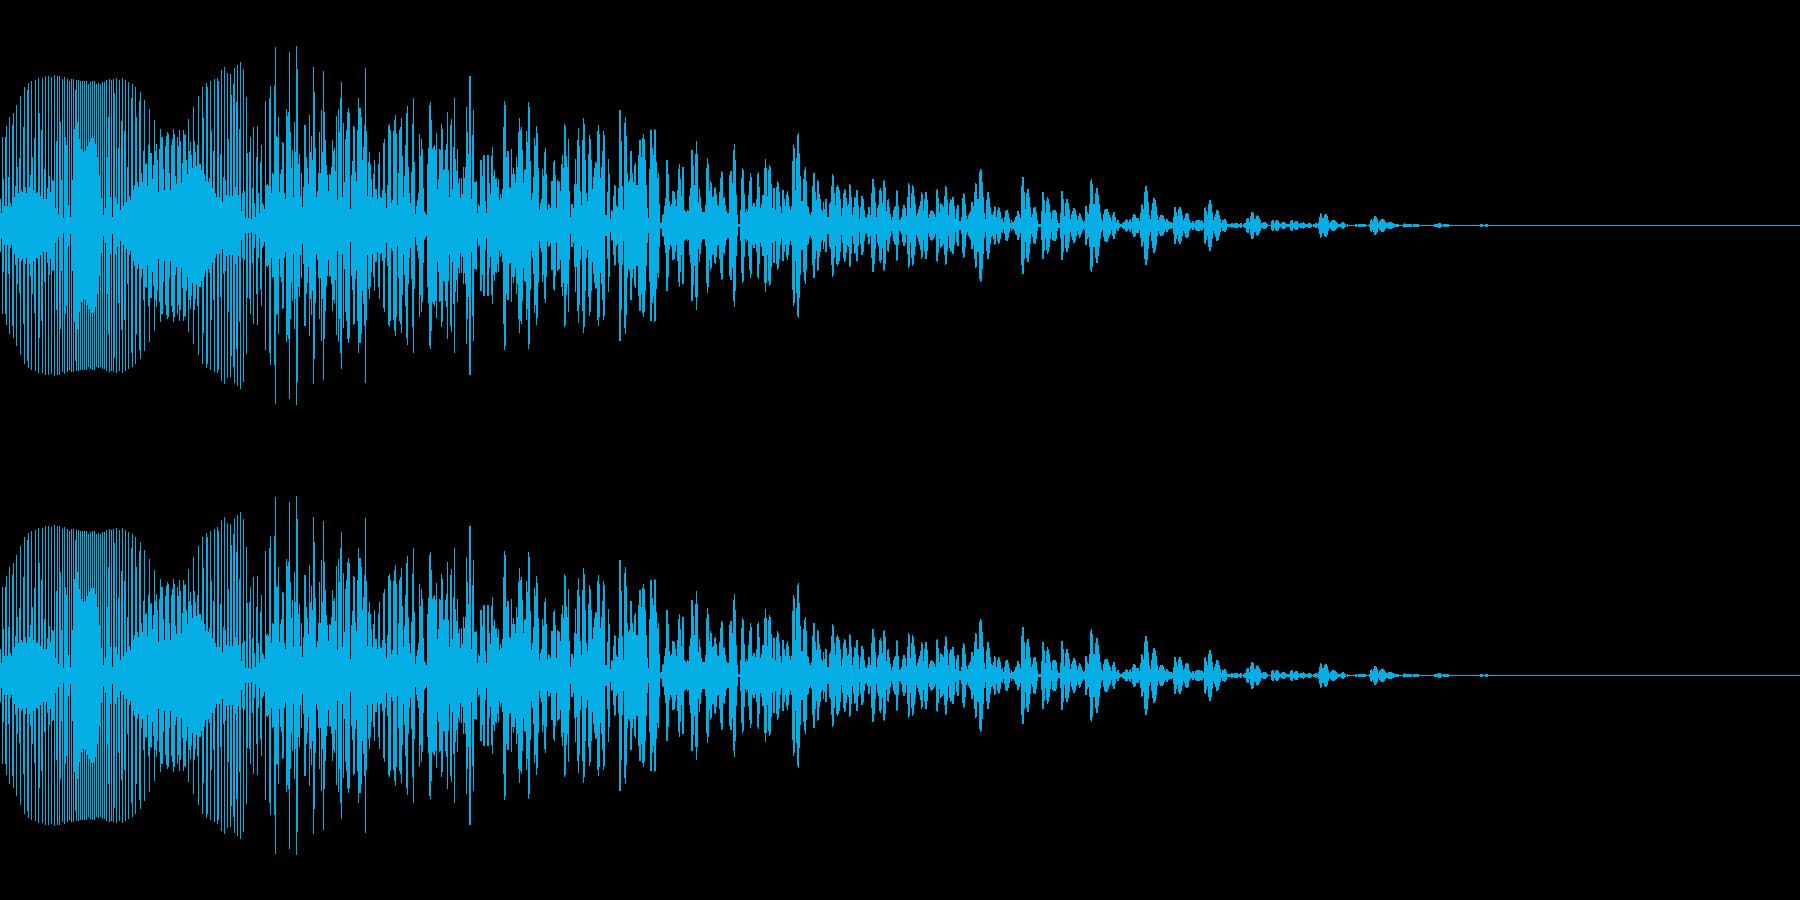 失敗して気分が落ち込むような音_02の再生済みの波形